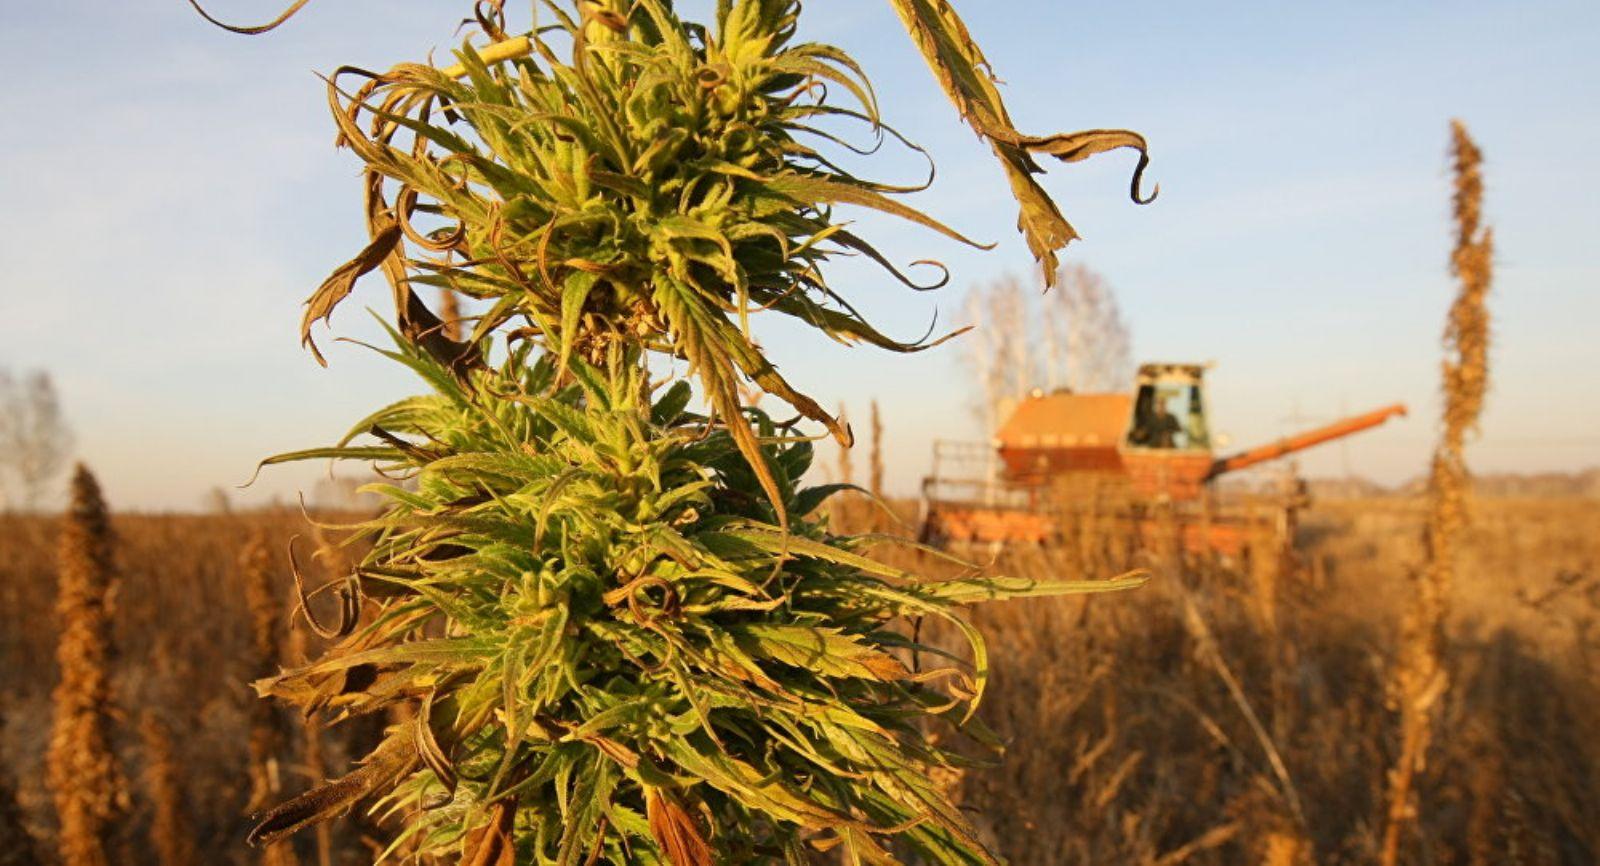 اسرائيل توافق على تصدير الماريجوانا